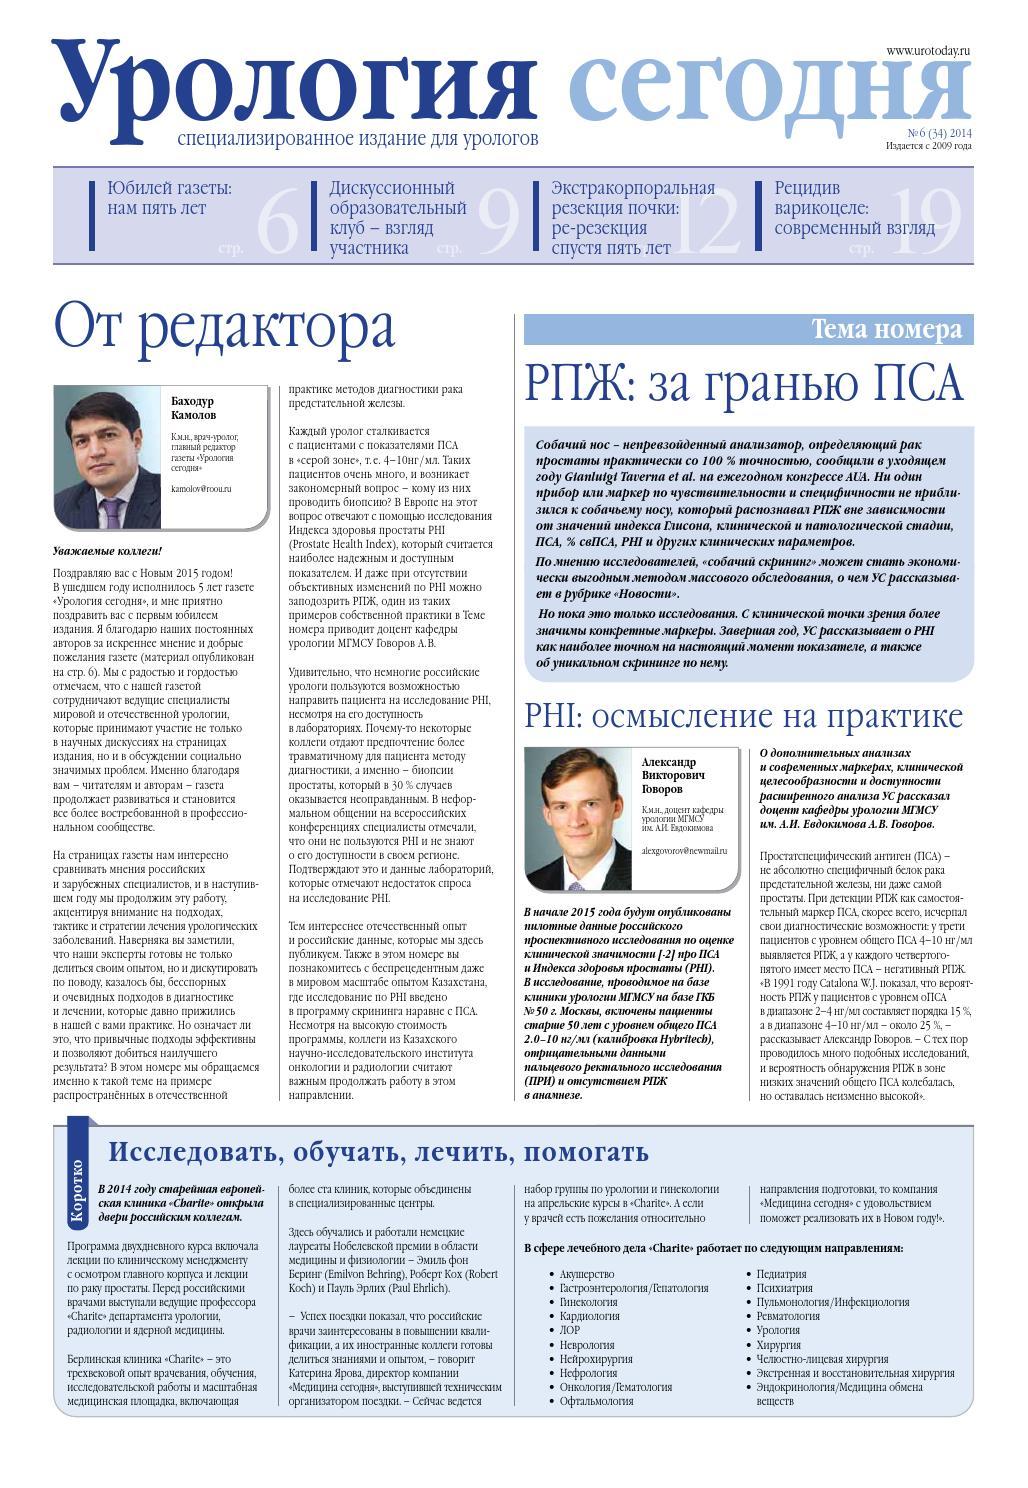 """Газета """"Урология сегодня"""" №6(34) за 2014 год by Makc Zelensky - issuu"""